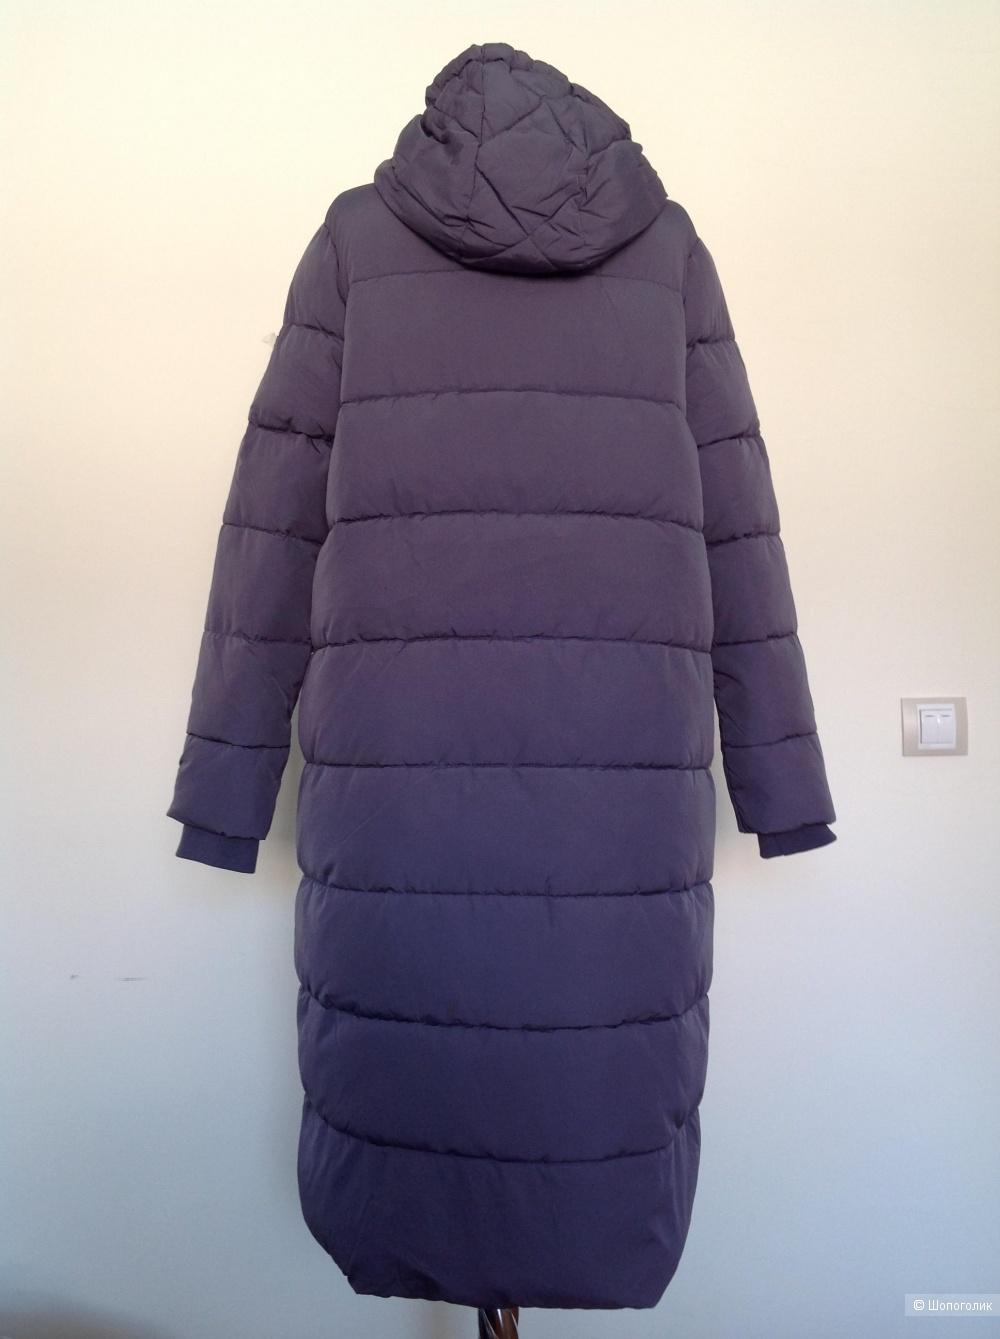 Пальто пуховик Odri, размер 42it/44ru, на 44-46-48